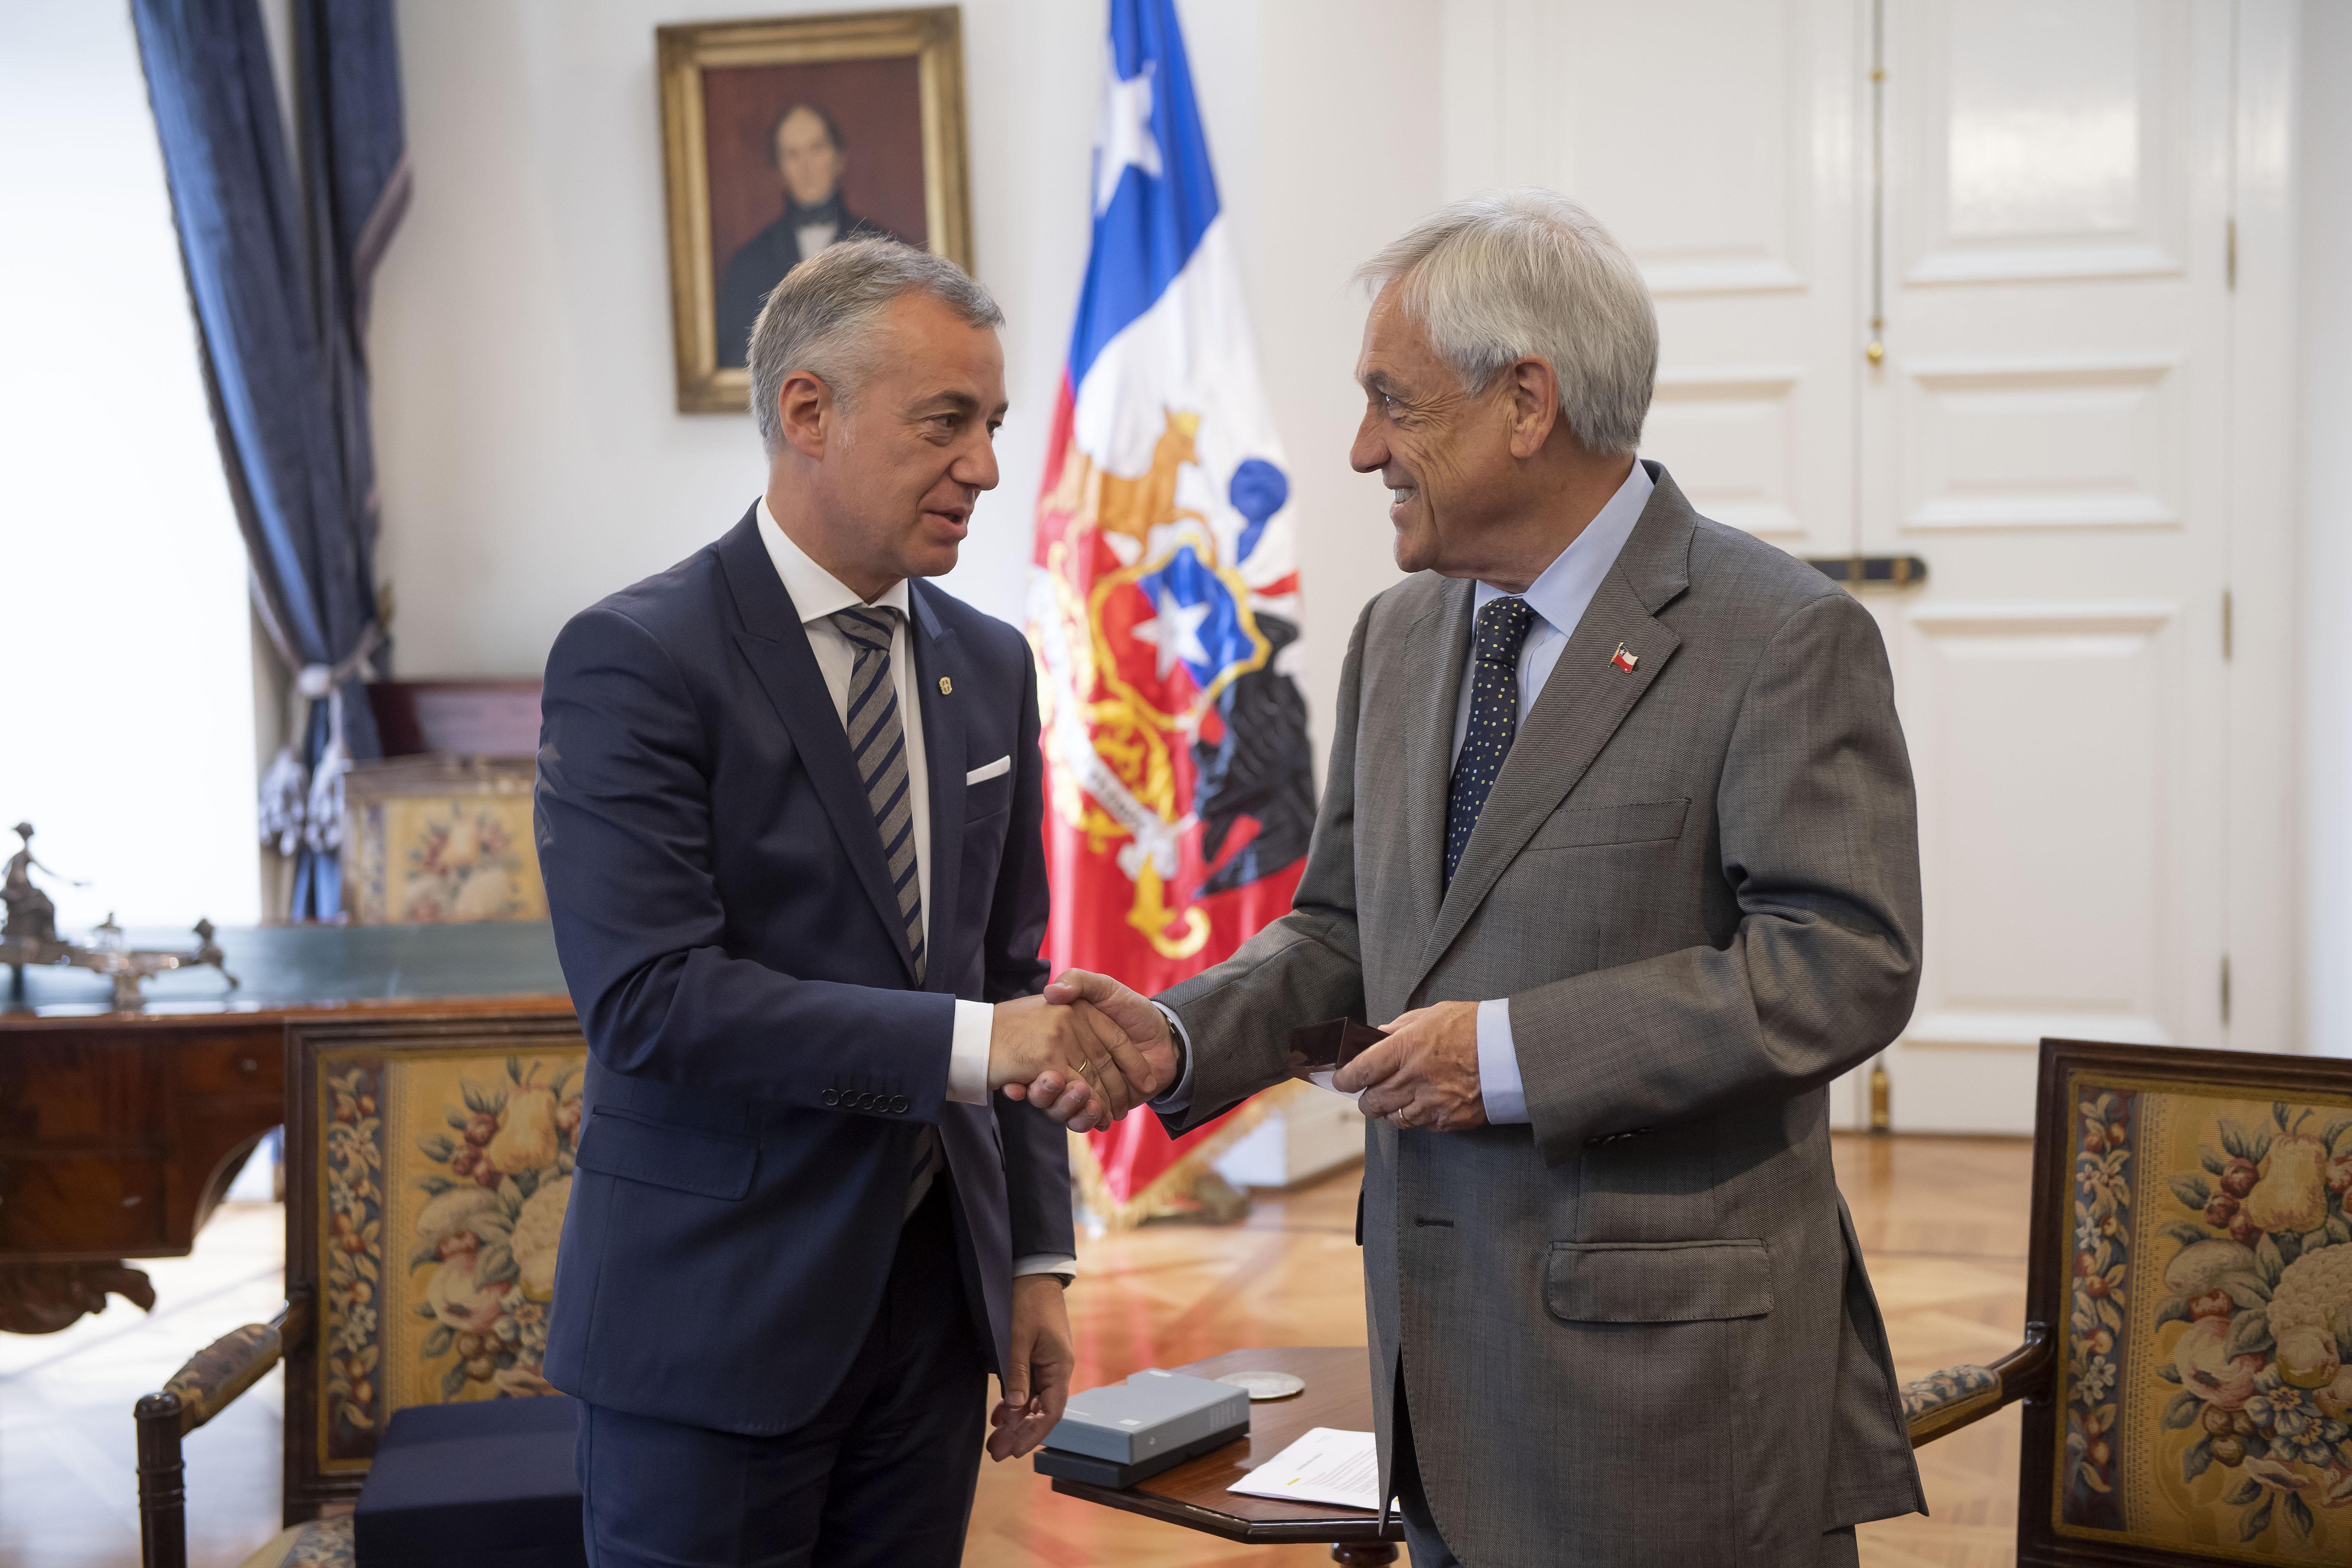 El Lehendakari Urkullu se reúne con el Presidente de Chile Sebastián Piñera